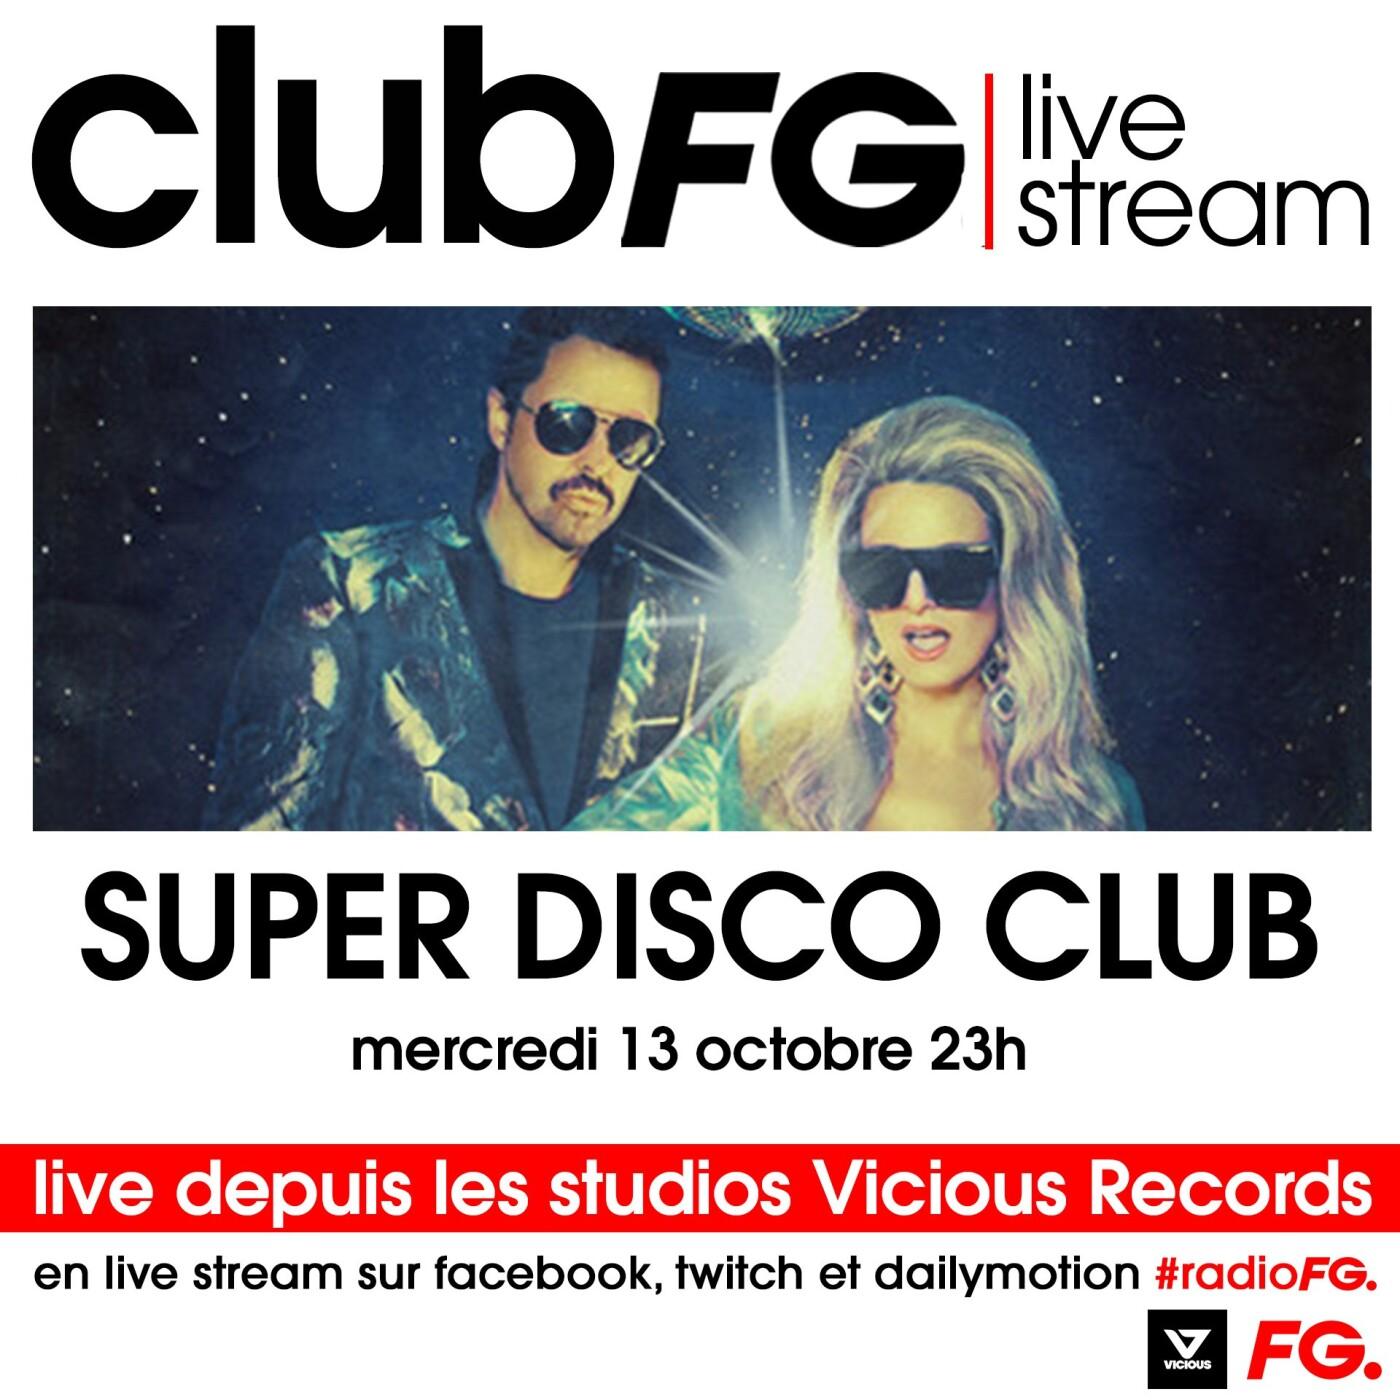 CLUB FG LIVE STREAM : SUPER DISCO CLUB